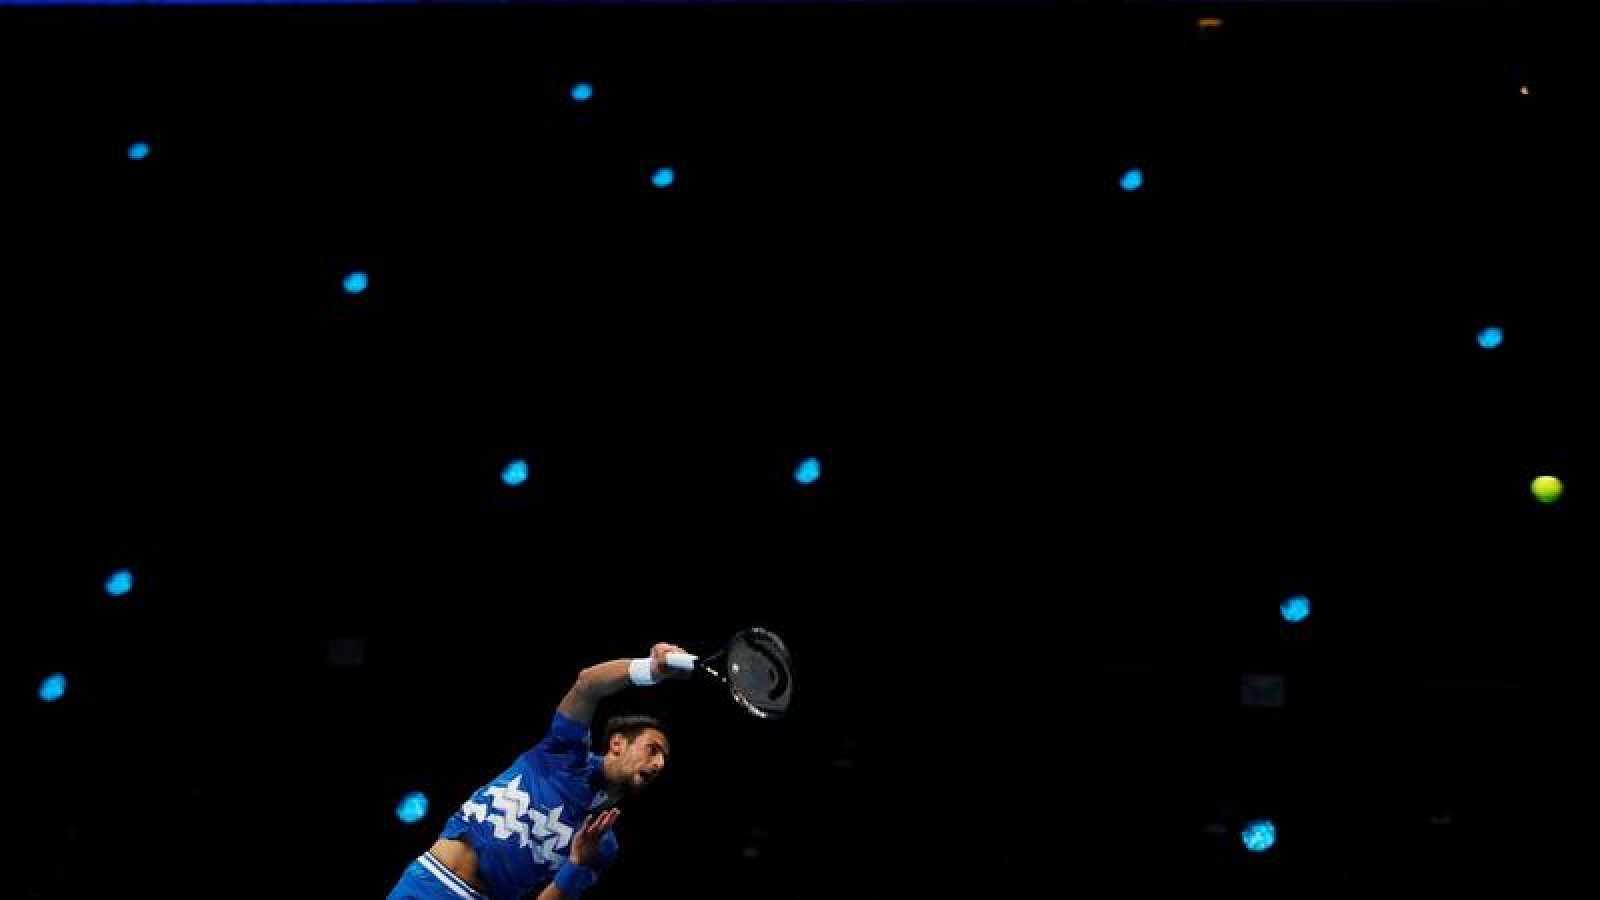 Imagen del tenista serbio Novak Djokovic ante Diego Schwartzman en el O2 de Londres.